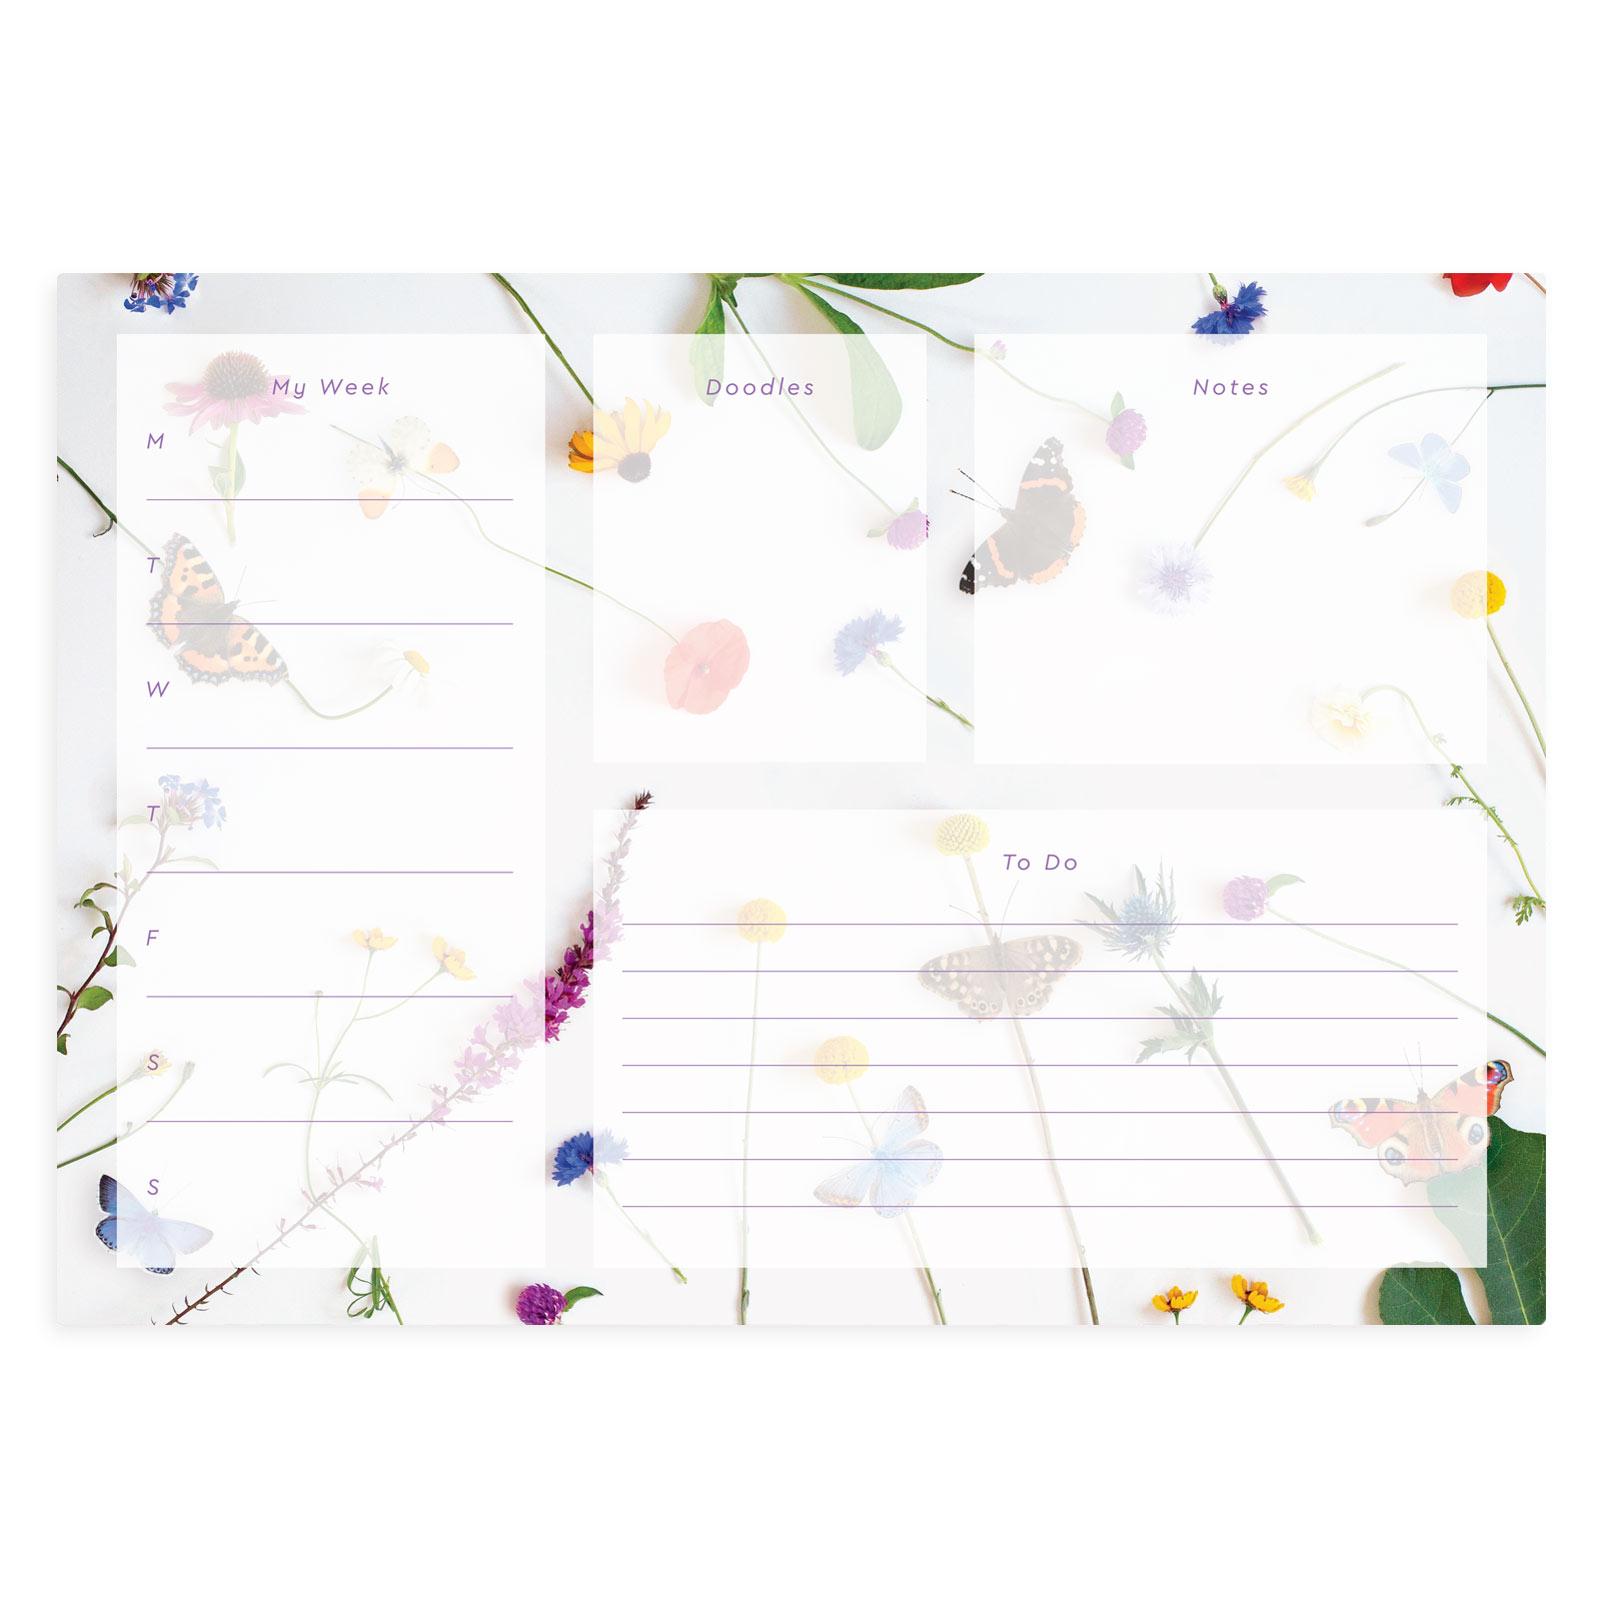 MDG-NP-4173-A4 Butterfly Meadow Deskpad.jpg